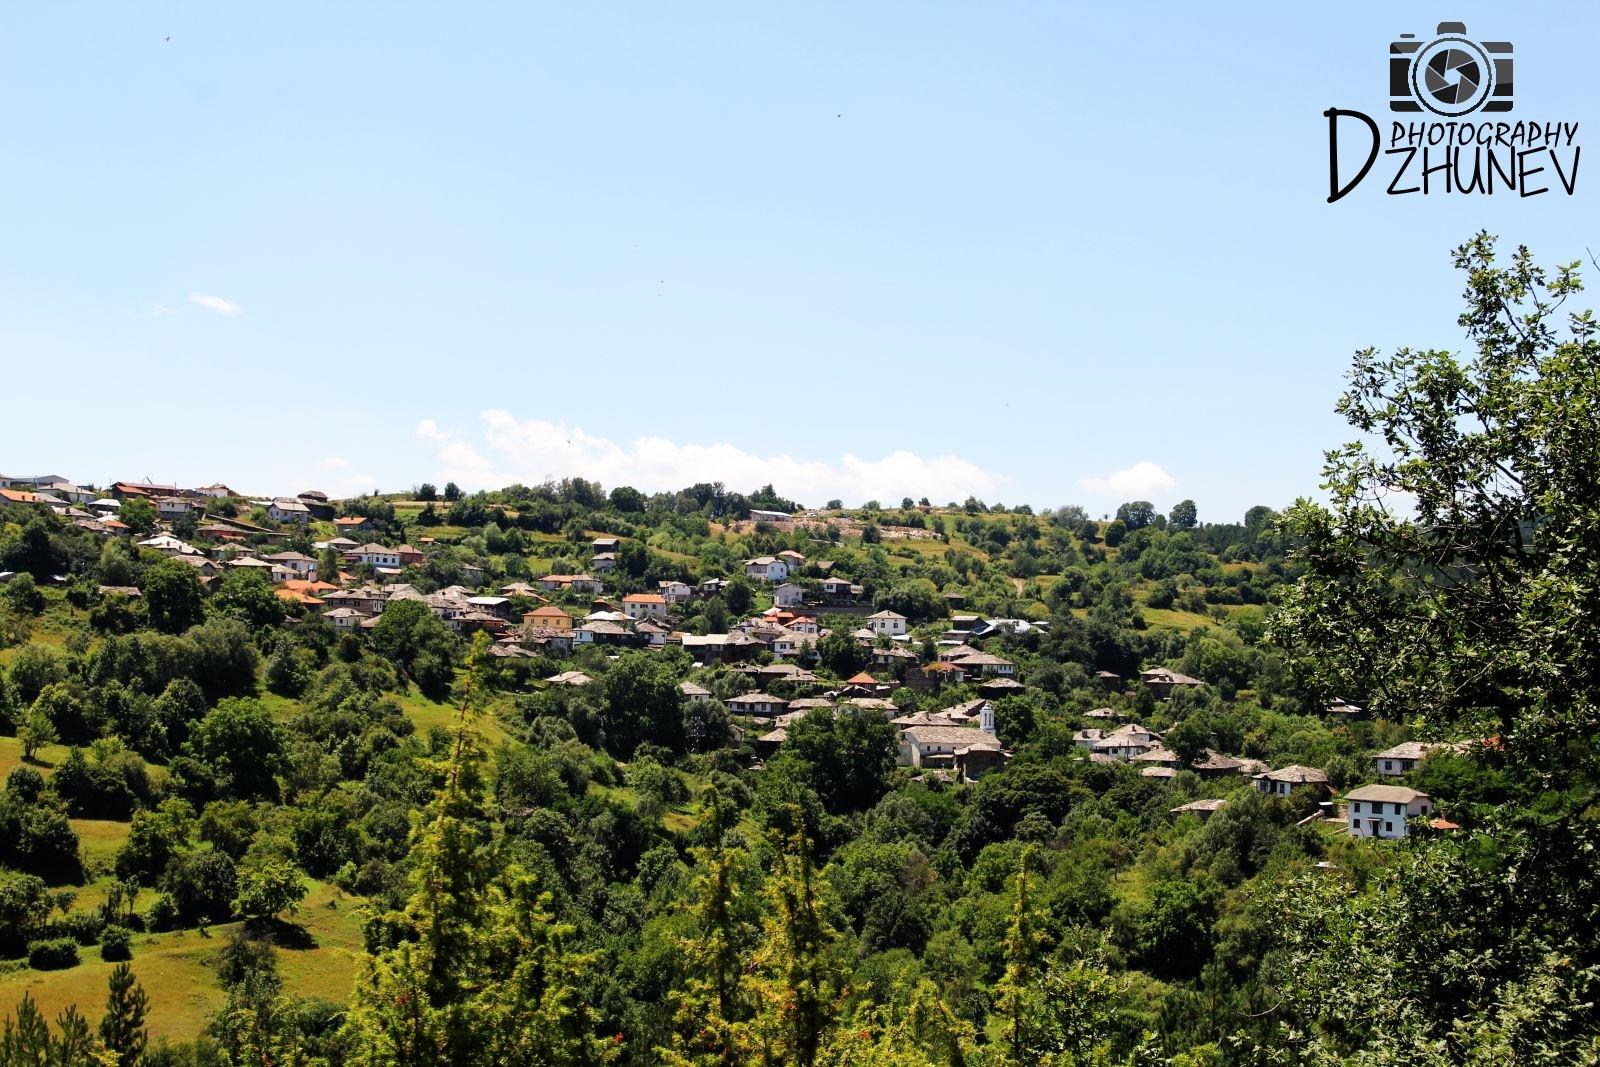 Село Долен - България 2018 (11)